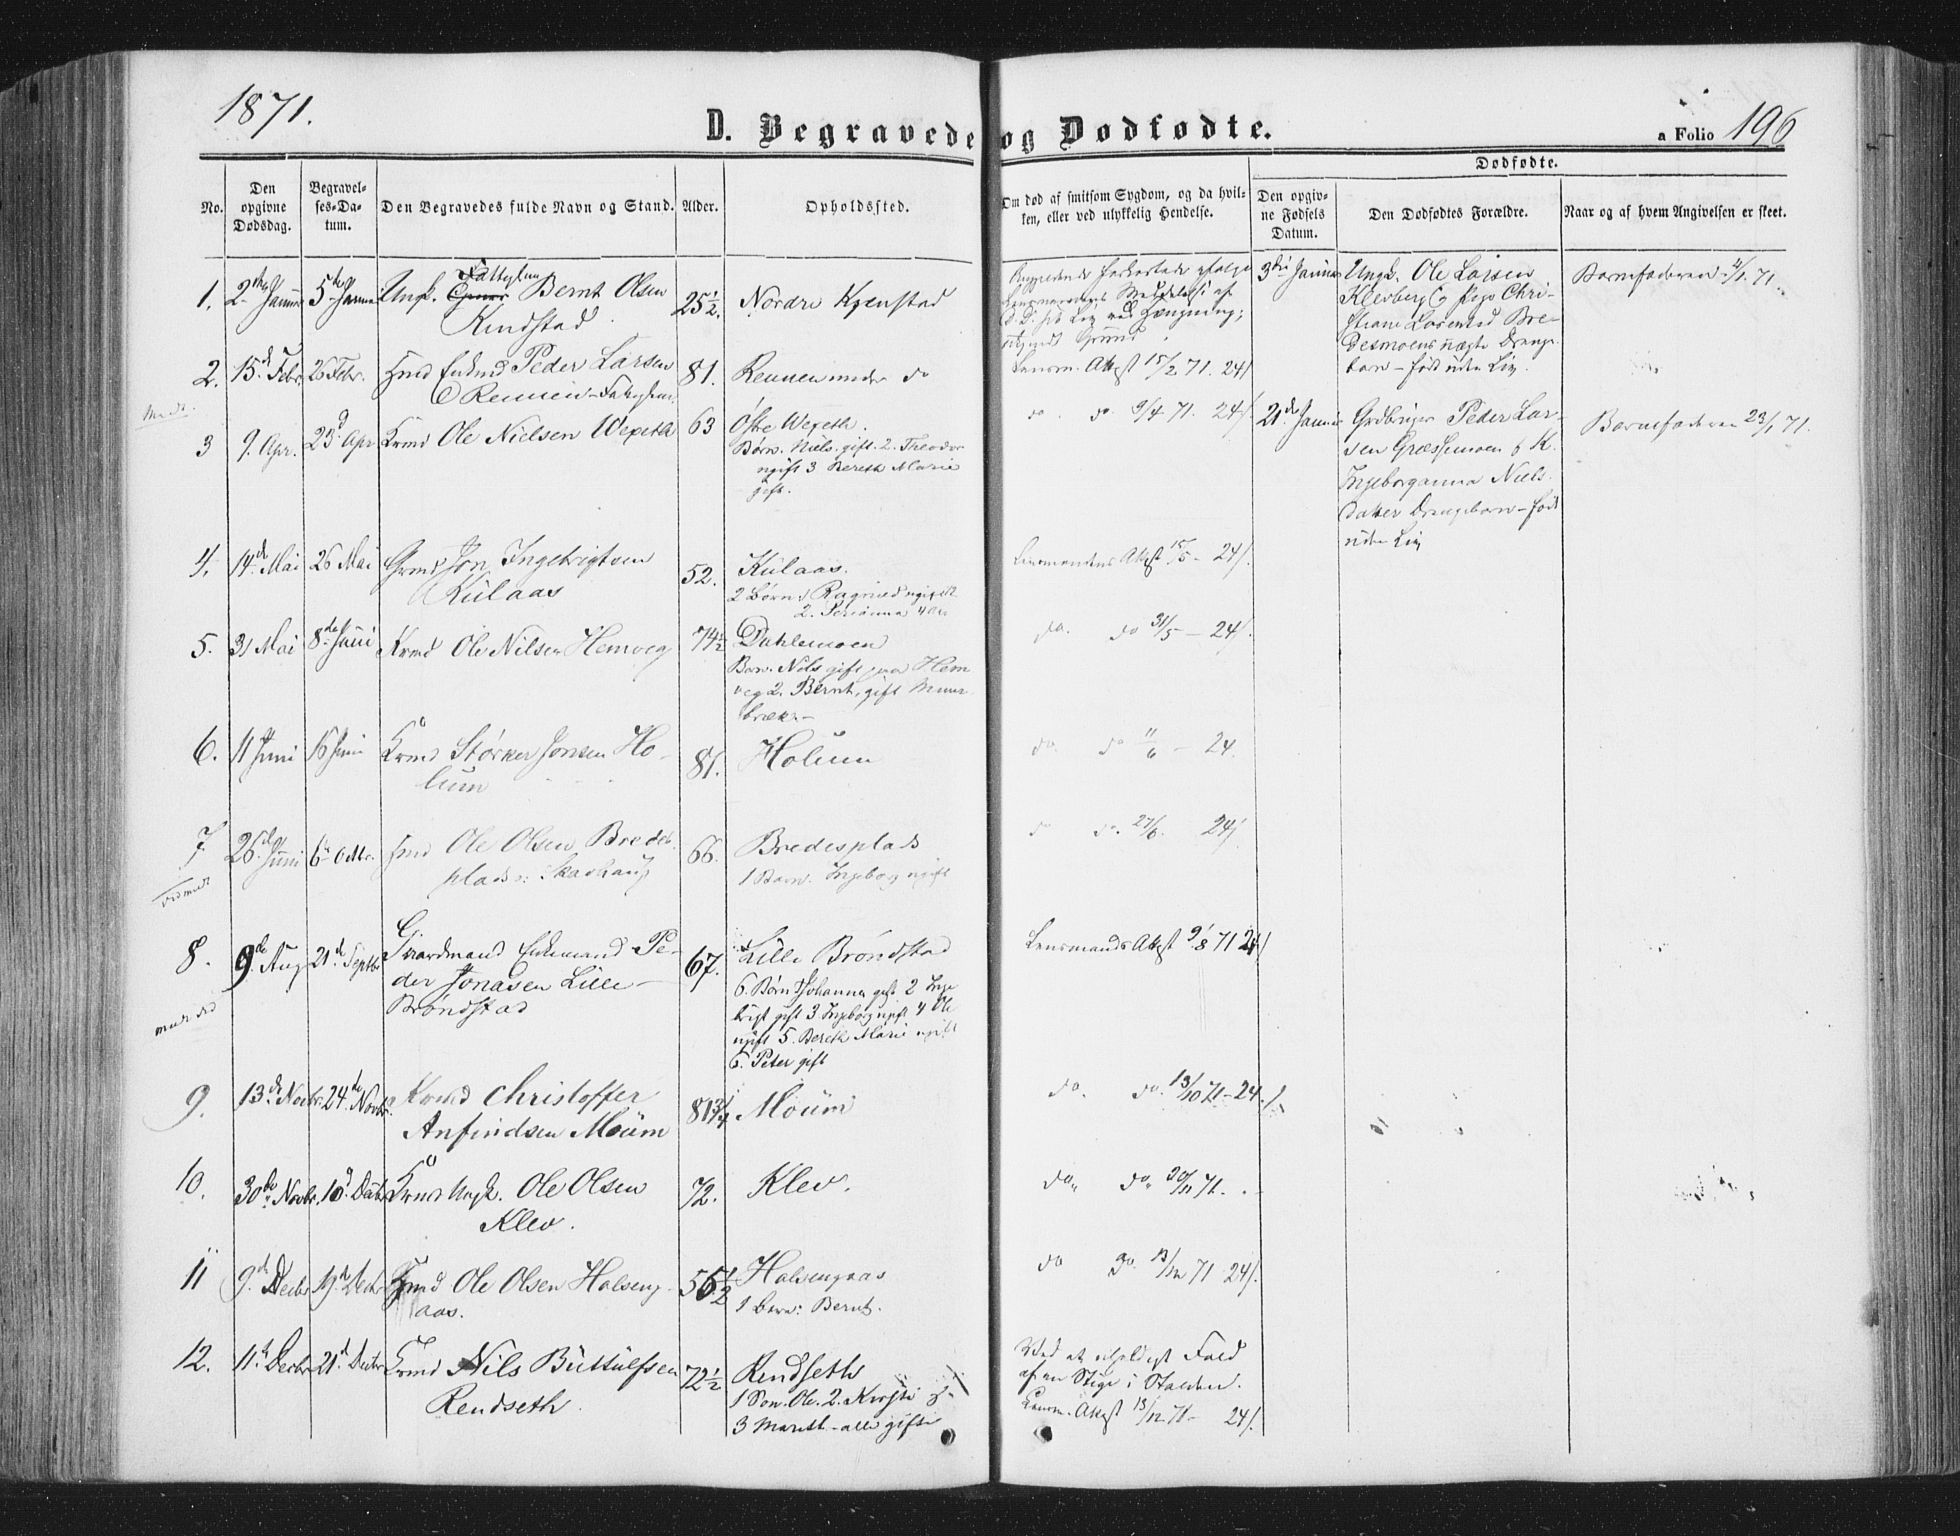 SAT, Ministerialprotokoller, klokkerbøker og fødselsregistre - Nord-Trøndelag, 749/L0472: Ministerialbok nr. 749A06, 1857-1873, s. 196